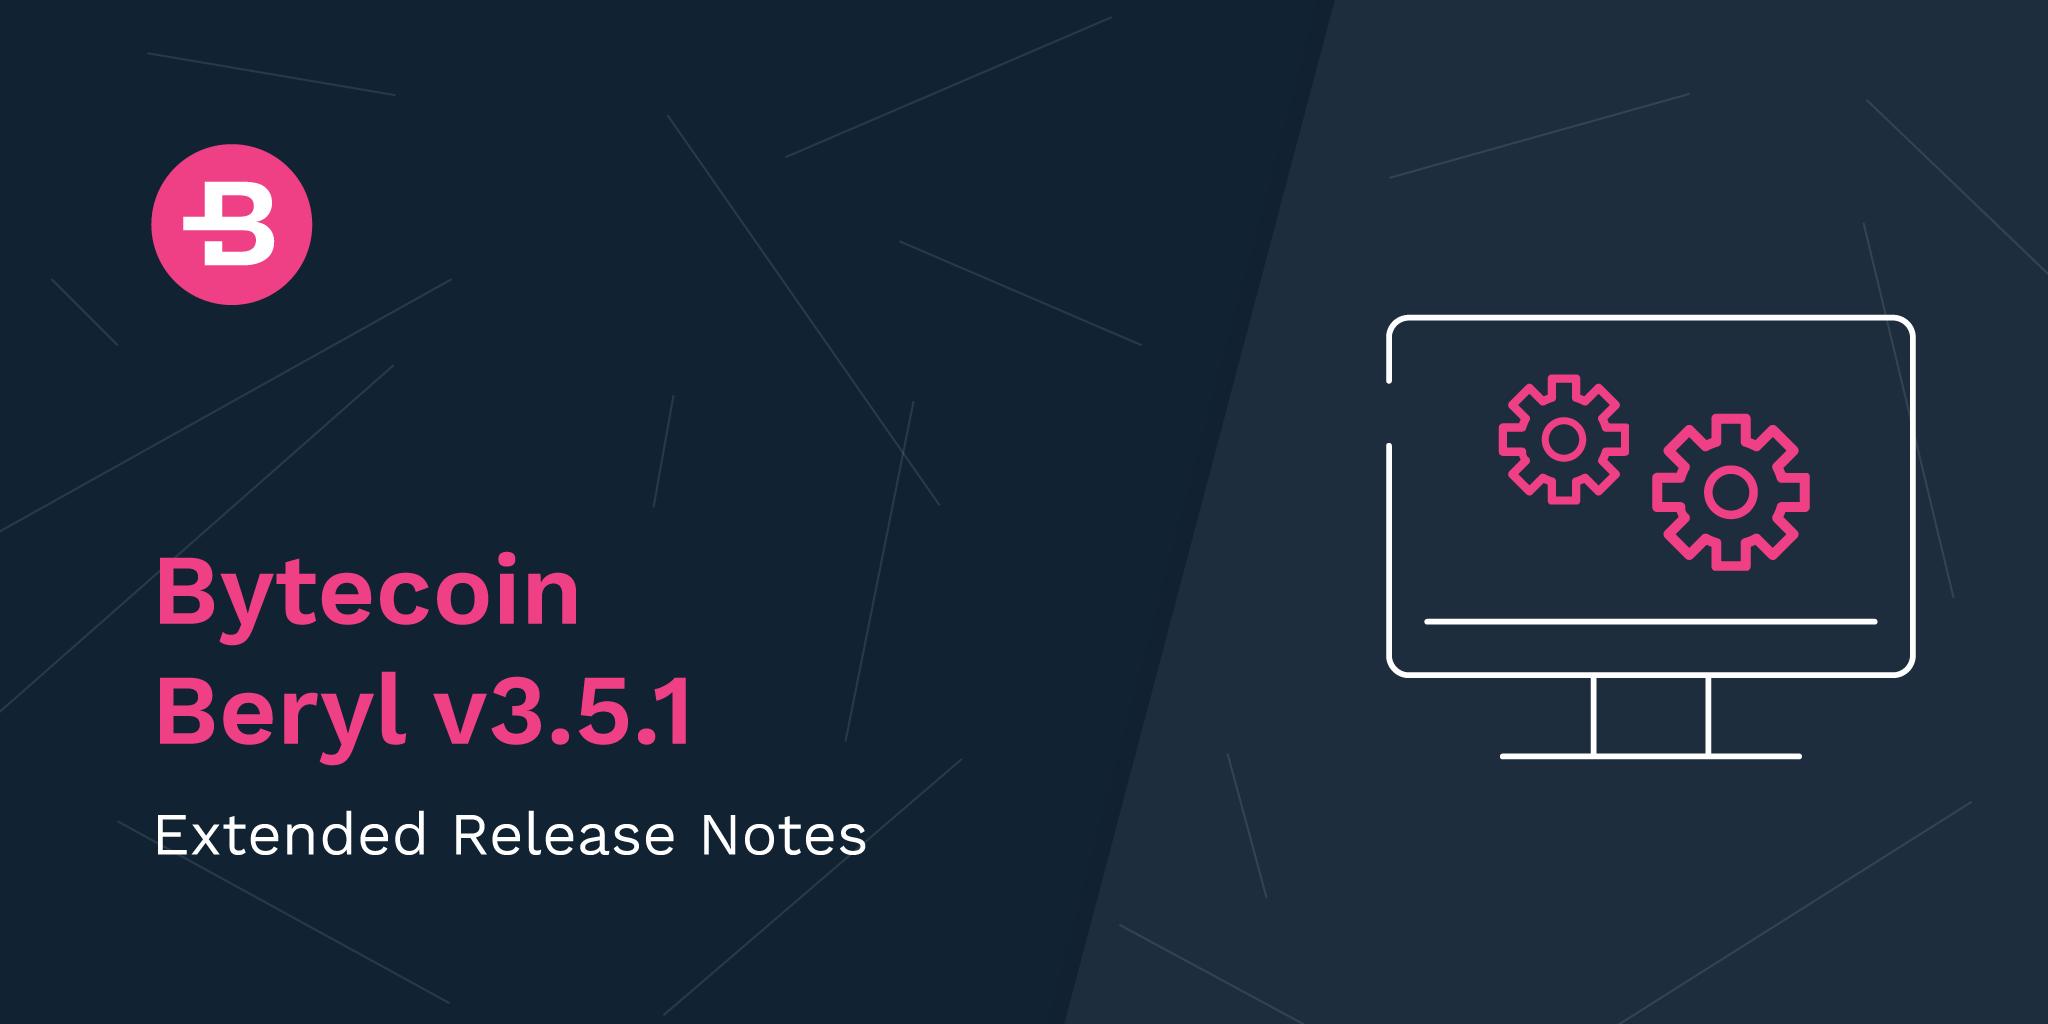 Bytecoin Beryl v3.5.1 Extended Release Notes